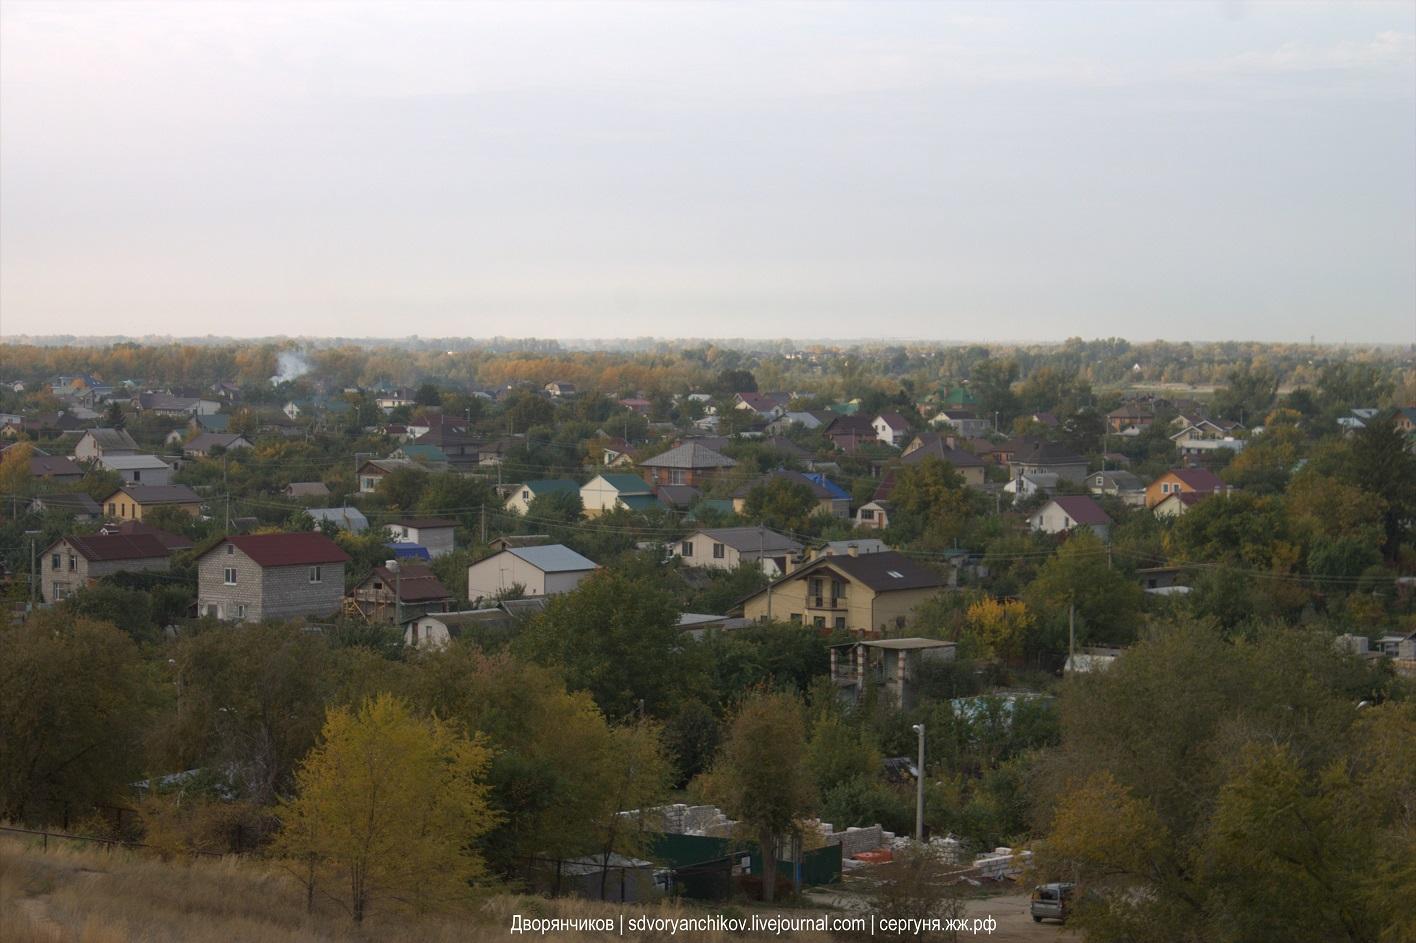 Утренний Волжский - 10-10-2017 (4).jpg